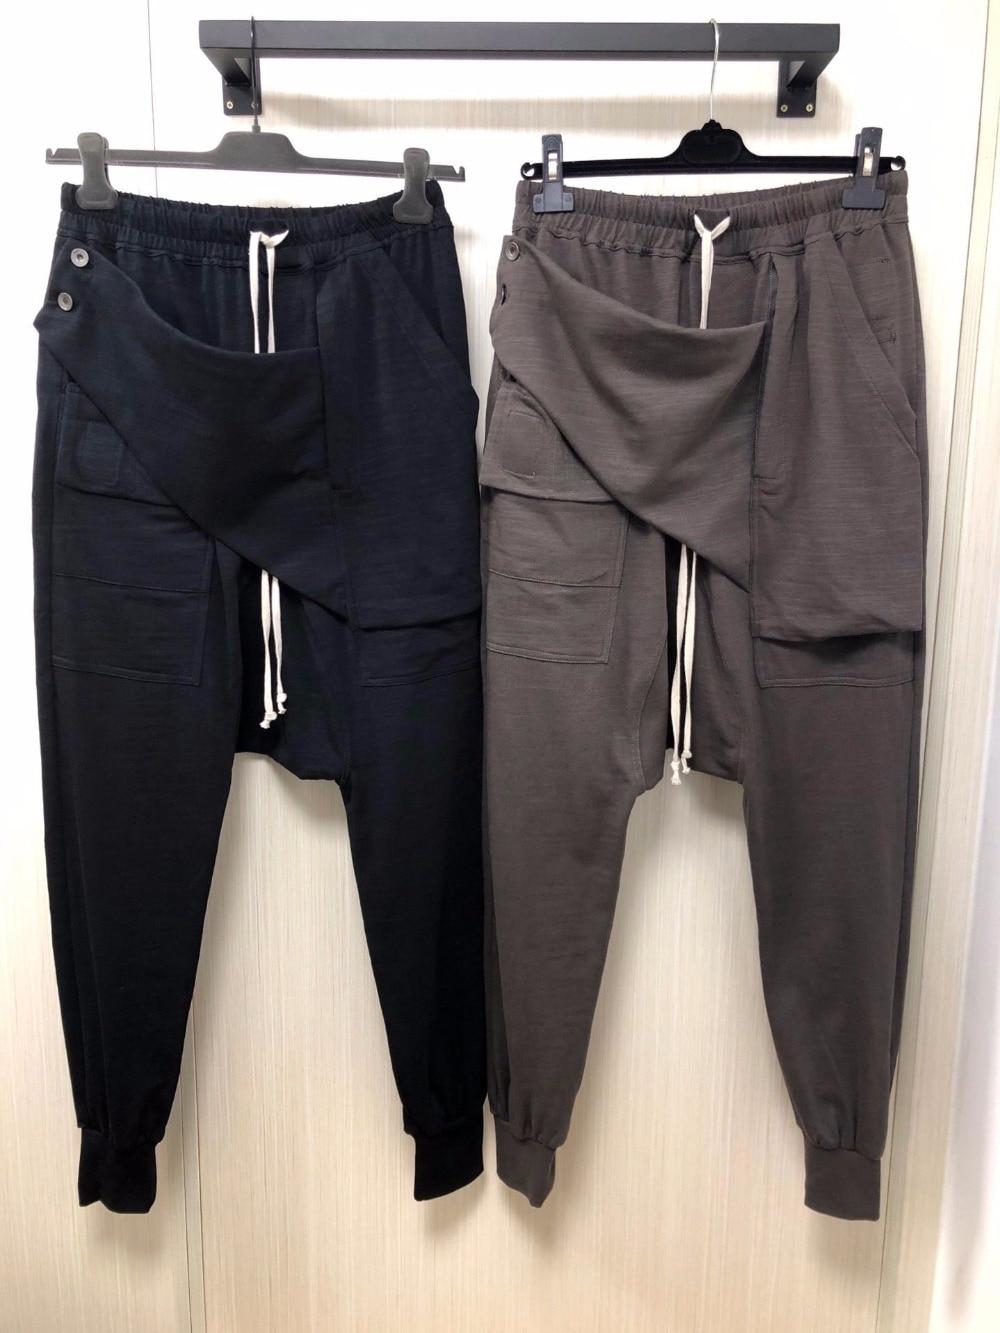 Erkek Kıyafeti'ten Harem pantolon'de Owen Seak Erkekler Rahat harem pantolon Pamuk Gotik erkek giyim Sweatpants Yaz Kadın Çapraz Tam Uzunlukta Gevşek Siyah Pantol'da  Grup 1